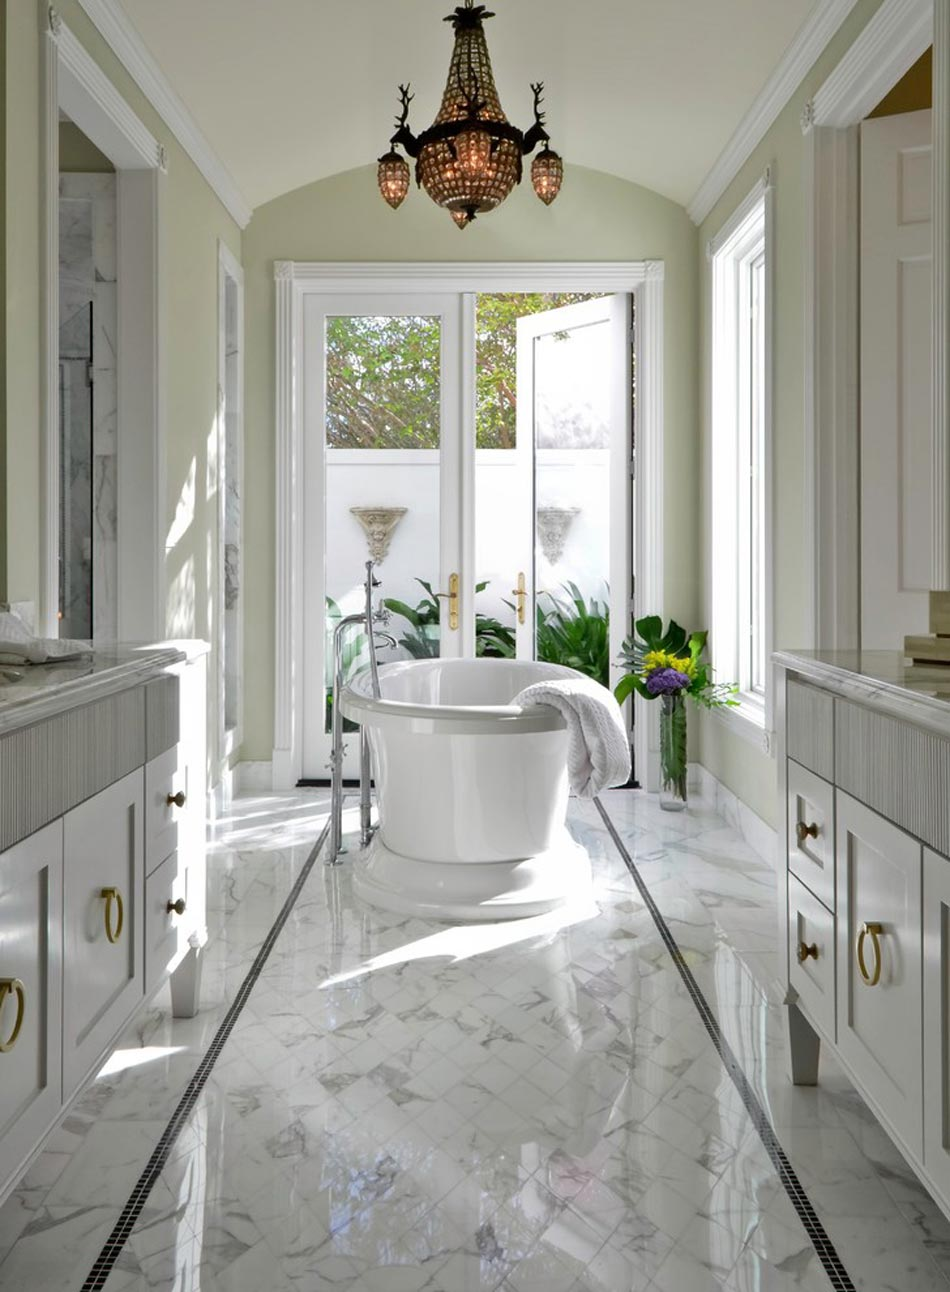 Affiche Salle De Bain ~ salle de bain marbre blanc pour afficher une classe sol en marbre